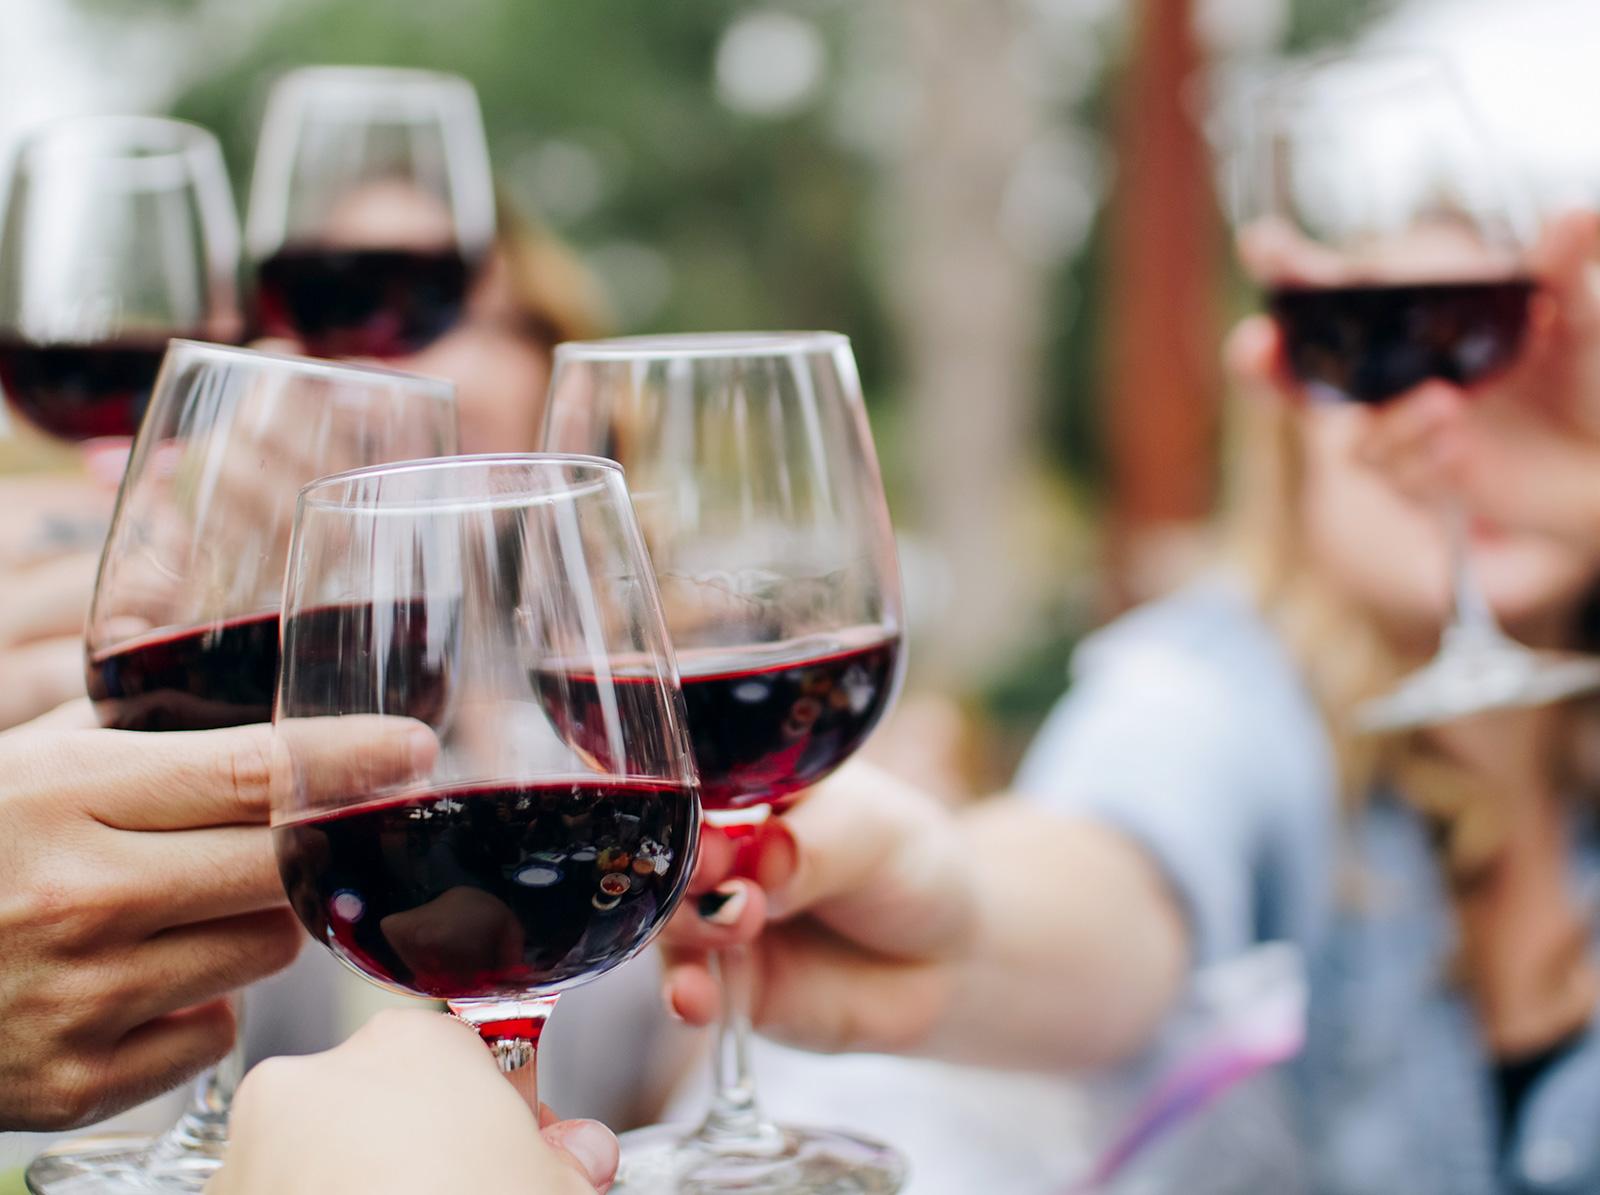 飯店附設酒莊內品嚐日本國產葡萄酒